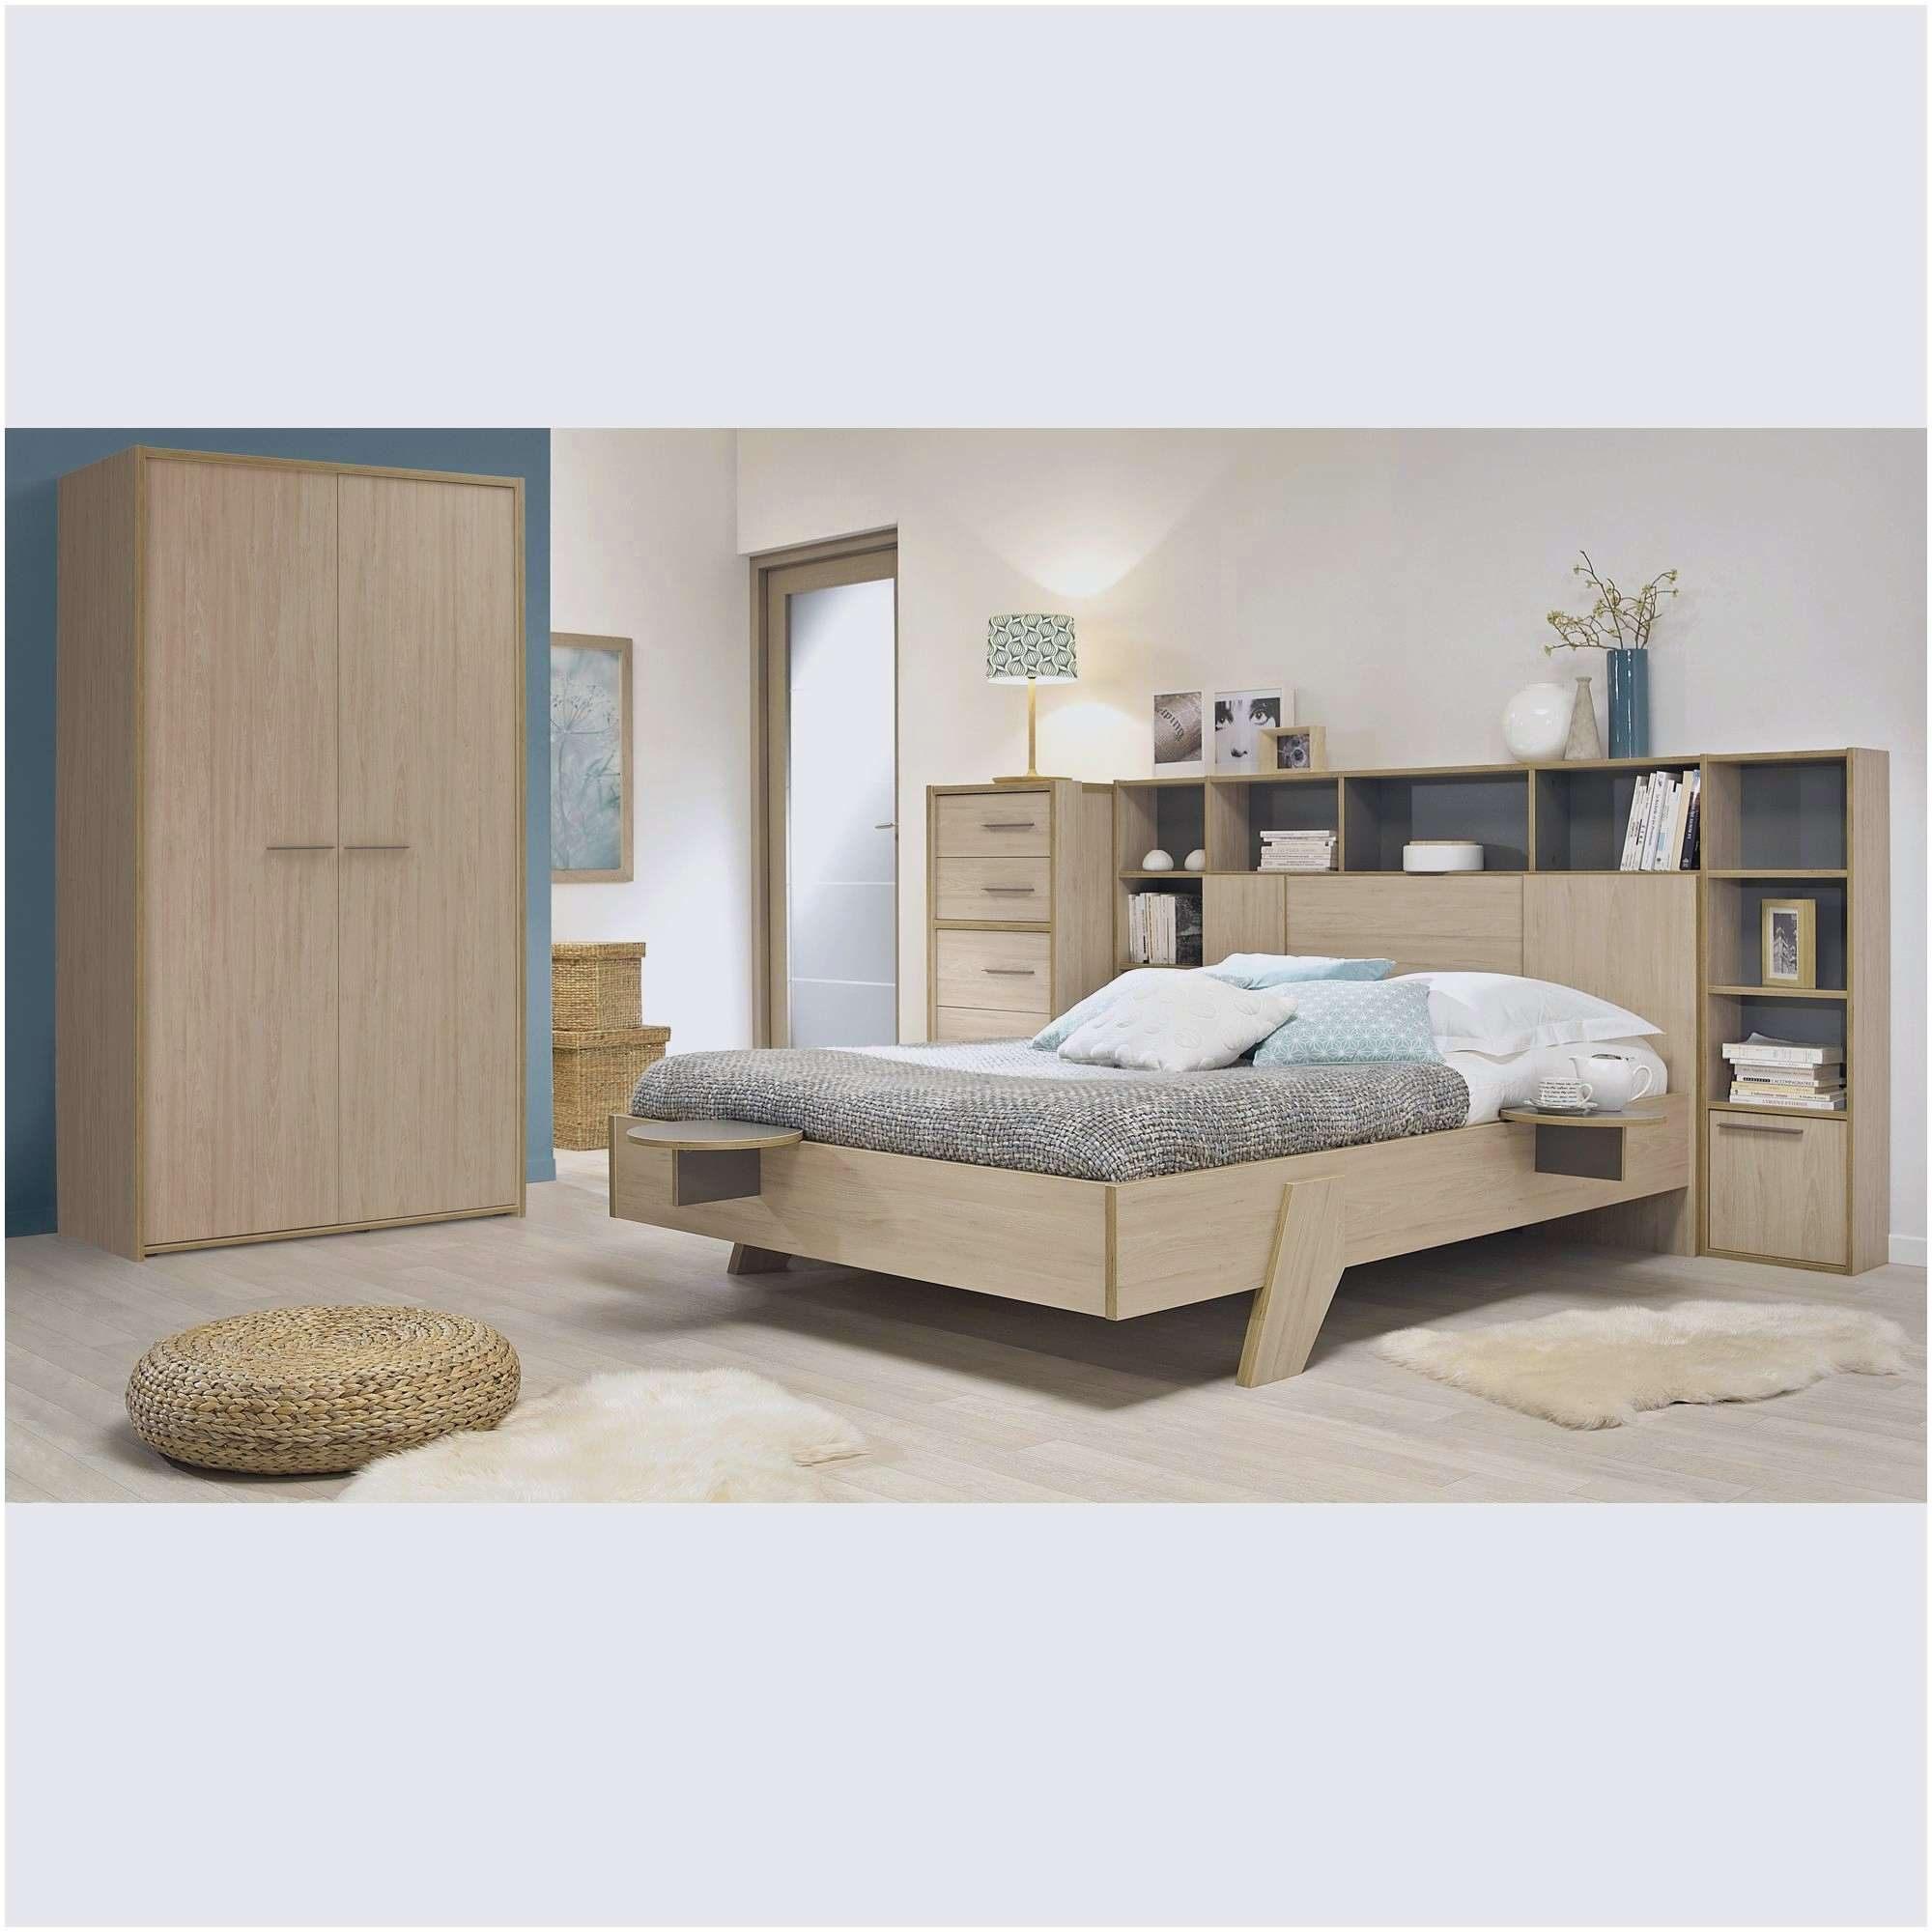 Tete De Lit 140 Avec Rangement Génial Nouveau Tete Lit Design Lit 1 Place Avec sommier Beau Stock Matelas